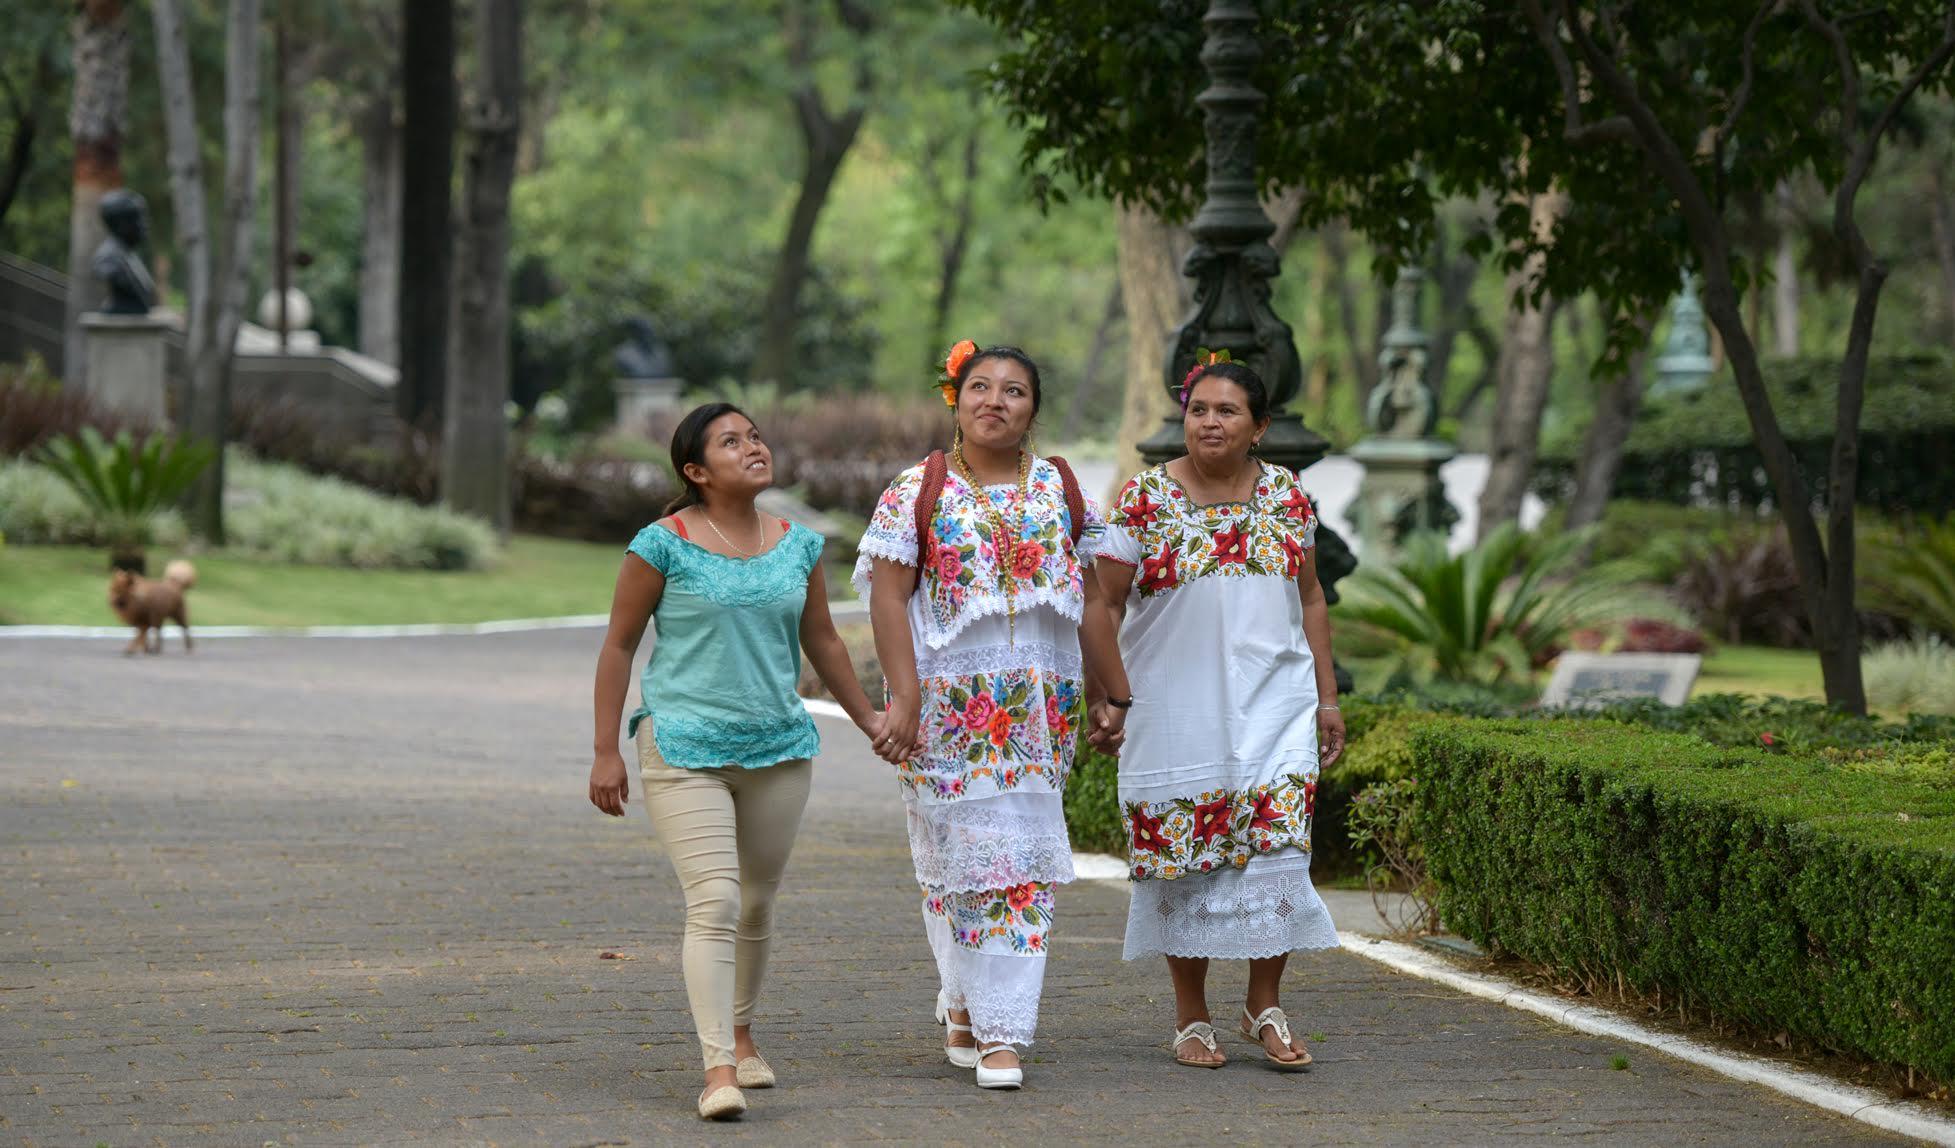 En su recorrido por los jardines de la Residencia Oficial de Los Pinos, Fátima, Laigxa y la Directora Leticia.